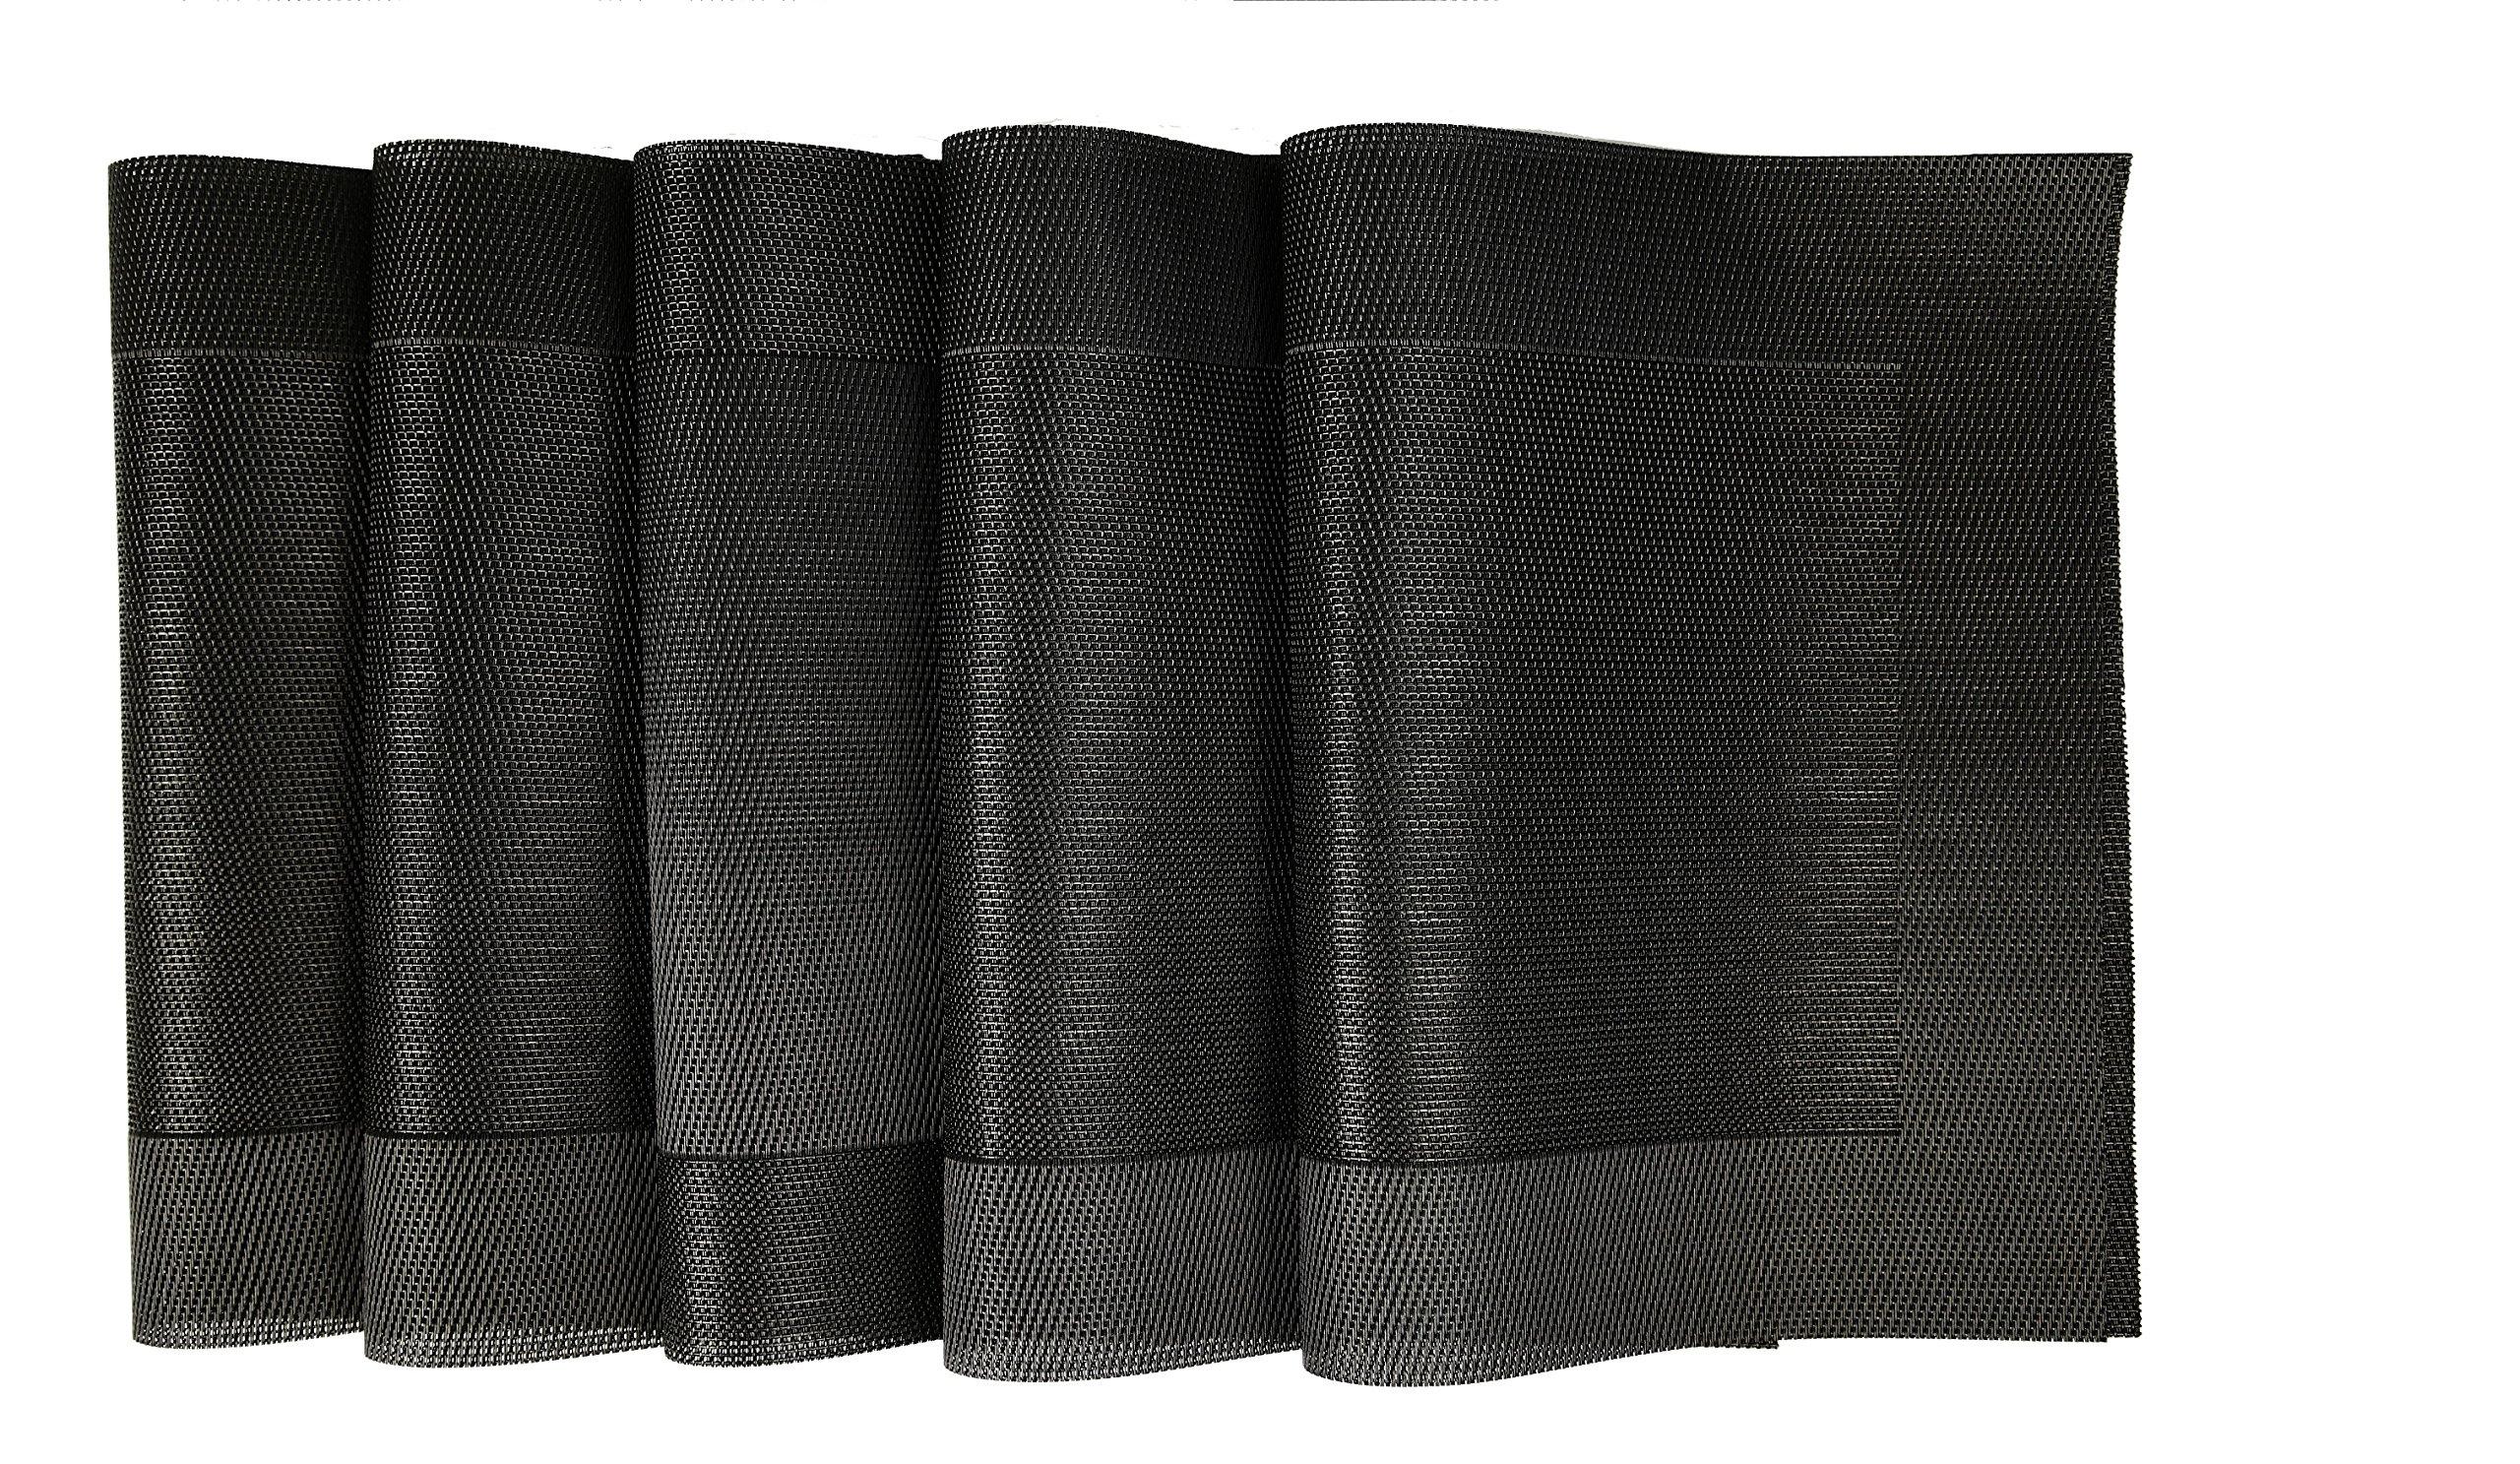 Bridge2Shopping™ Table Place Mats | PVC Dining Table Kitchen Mats - 45 x 30 CM - 6 Pieces -1 Set -Black Color